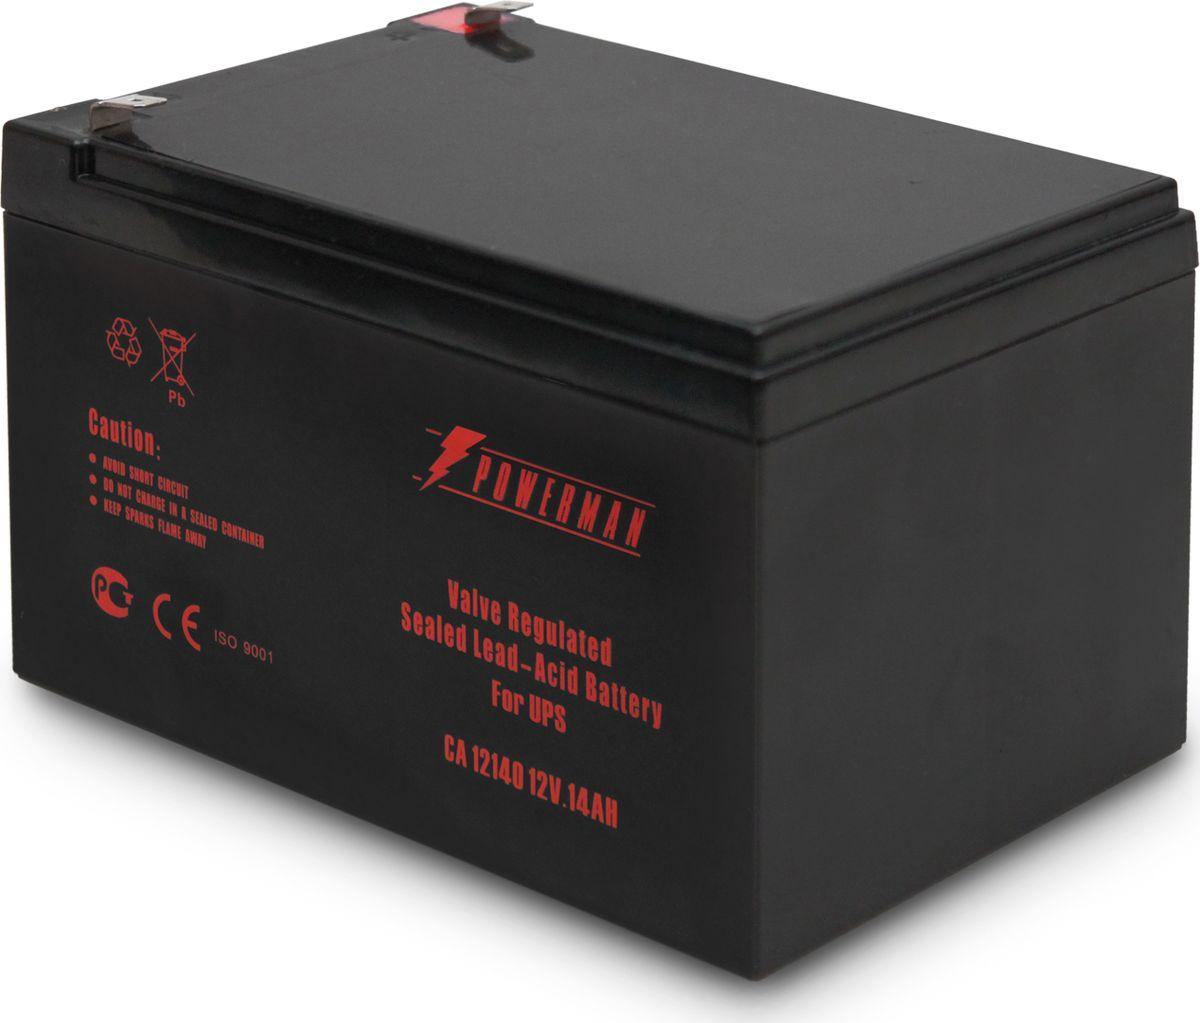 Аккумулятор Powerman  CA12140/UPS , 14000 мАч - Источники бесперебойного питания (UPS)